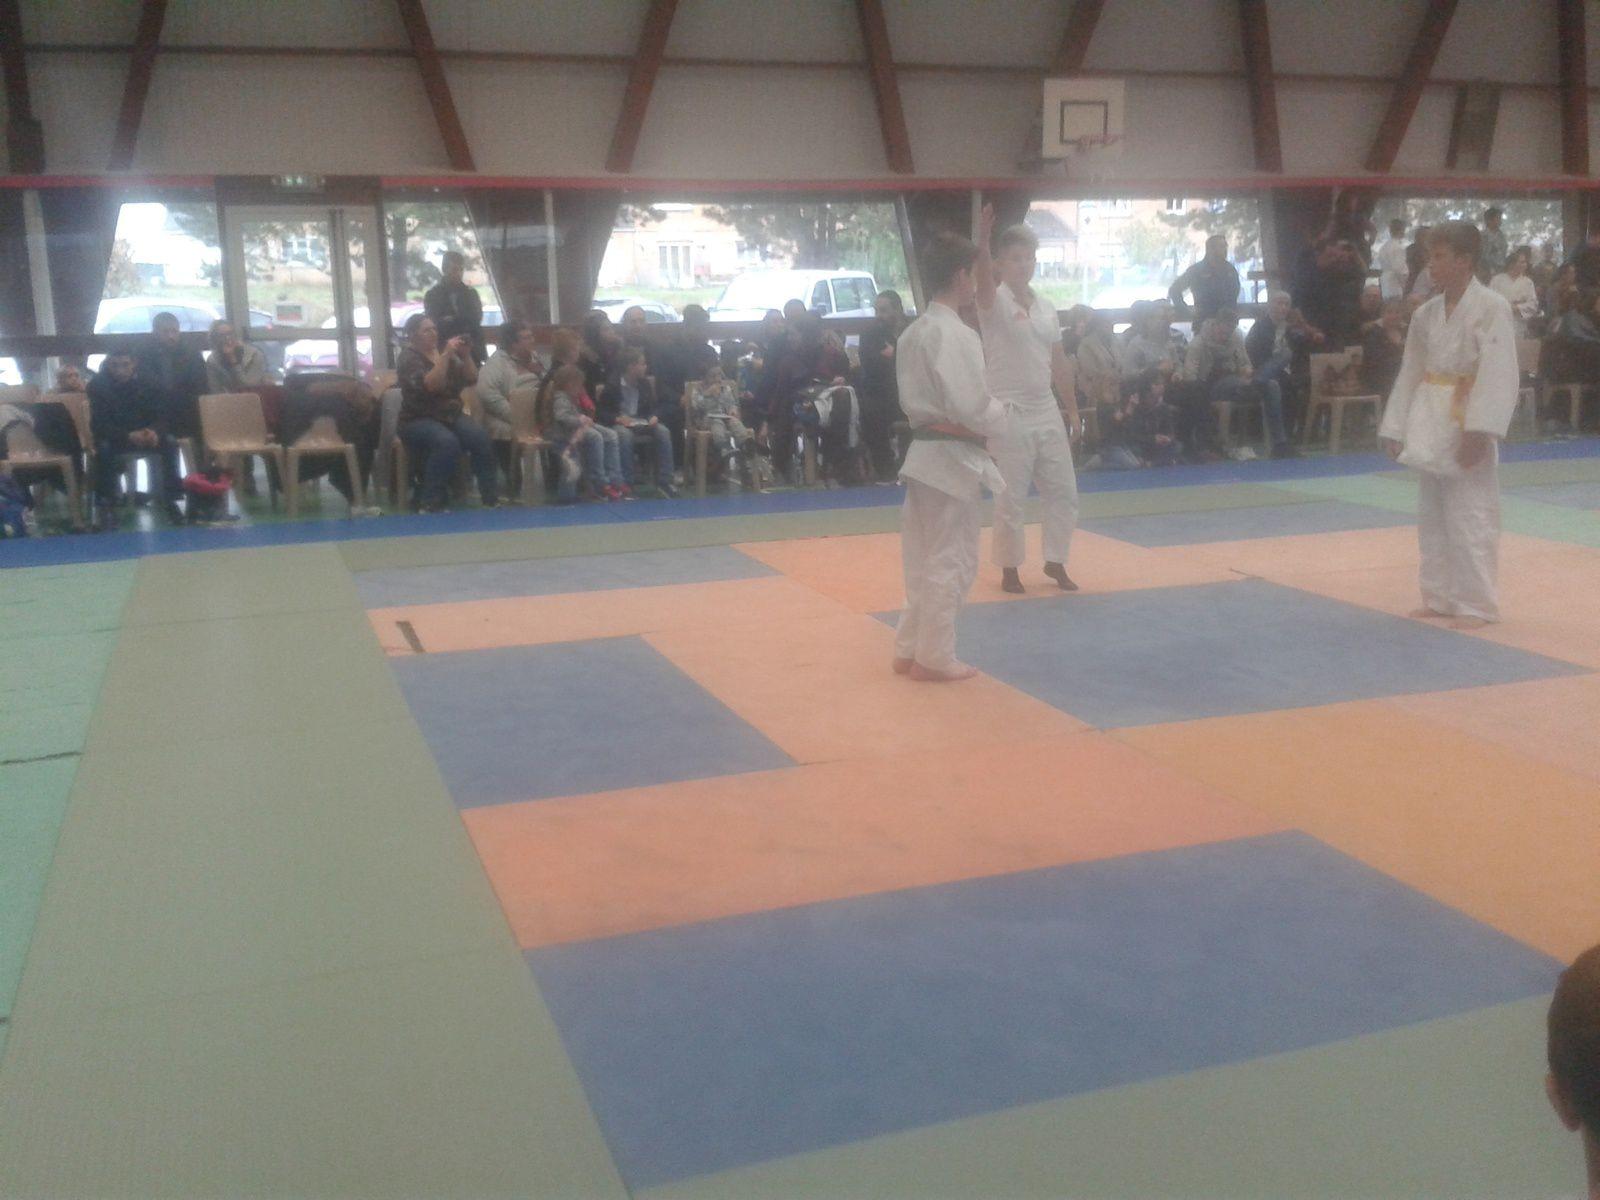 Tournoi du Judo Club de VILLERS-OUTREAUX (59) les 05 et 06/11/16